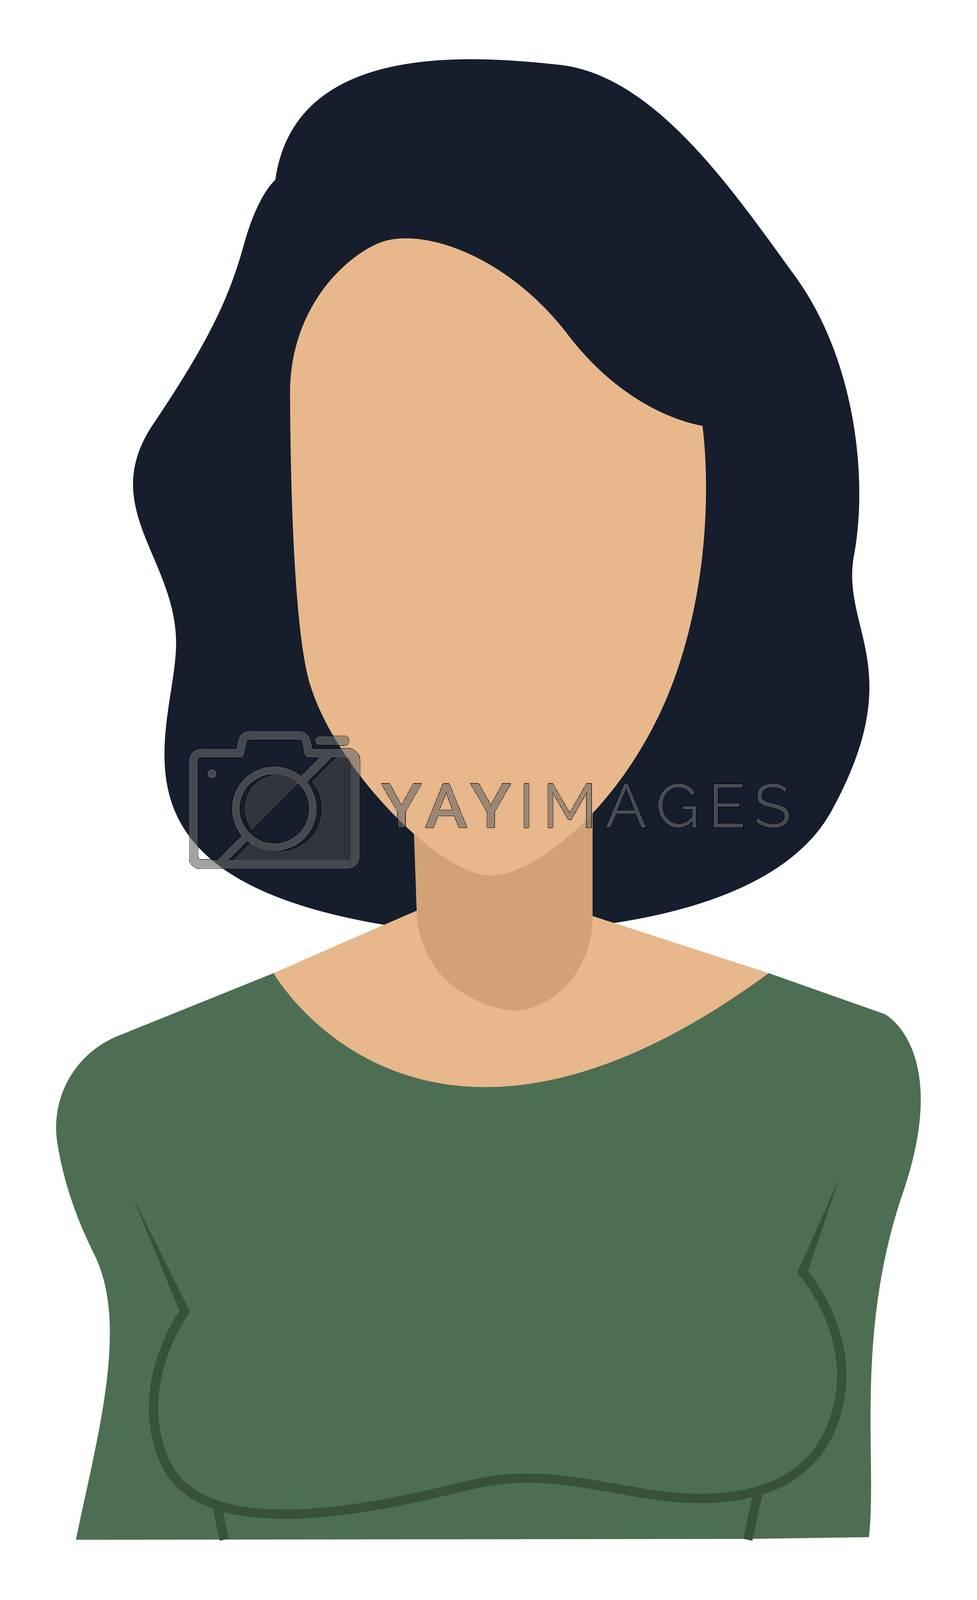 Faceless female avatar, illustration, vector on white background